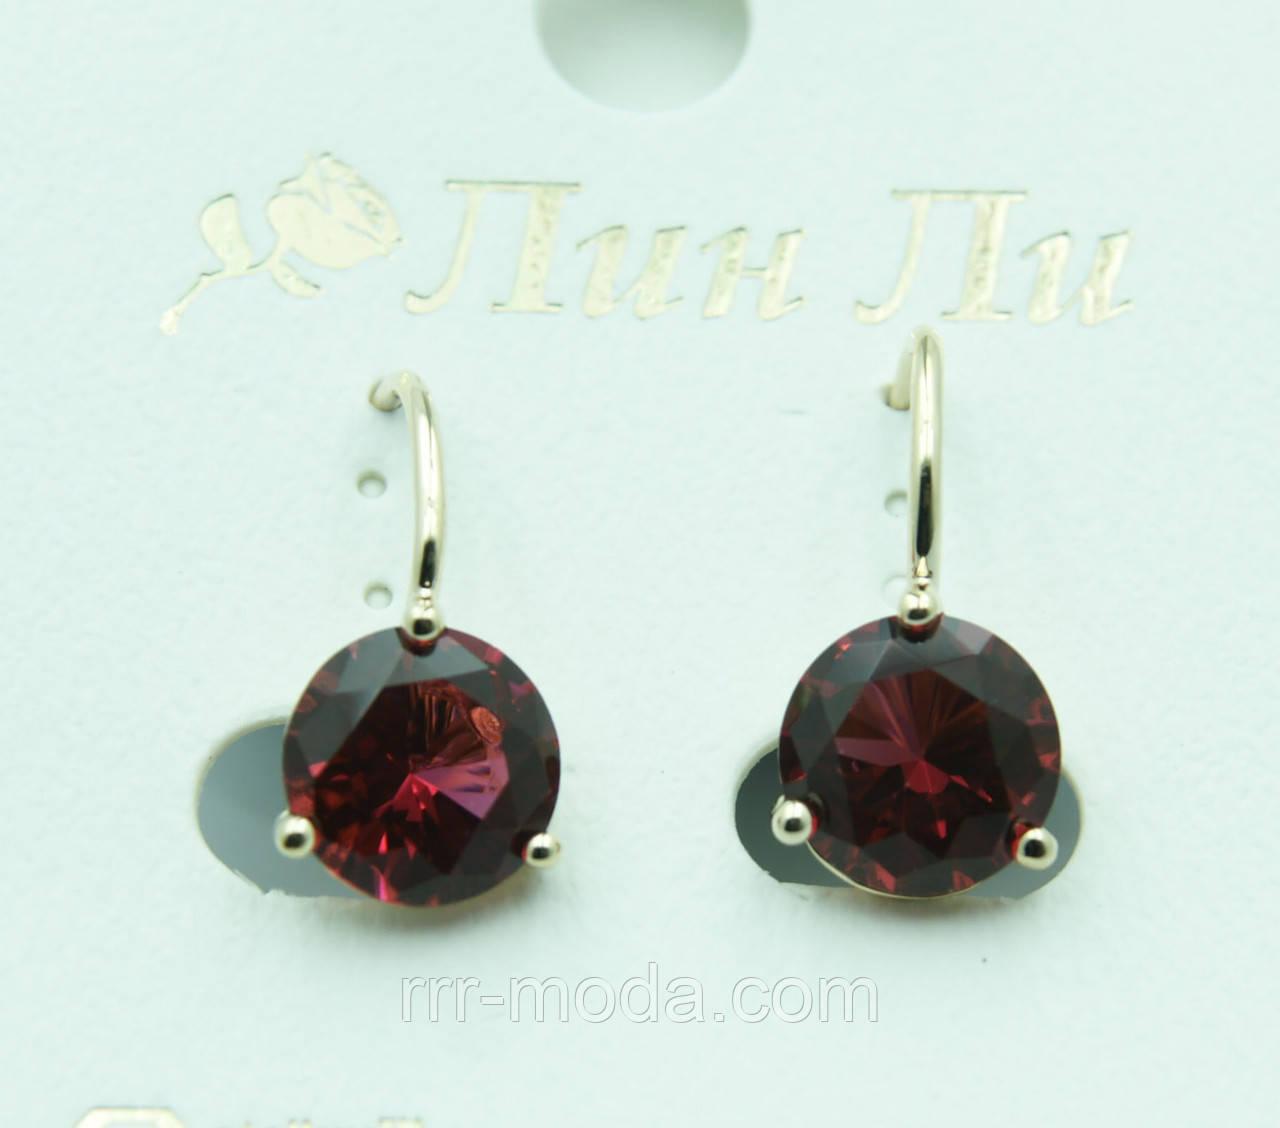 Рубиновые женские серьги под золото. Красивые серьги на каждый день оптом. 2259 - Бижутерия оптом «R. R. R.» в Одессе